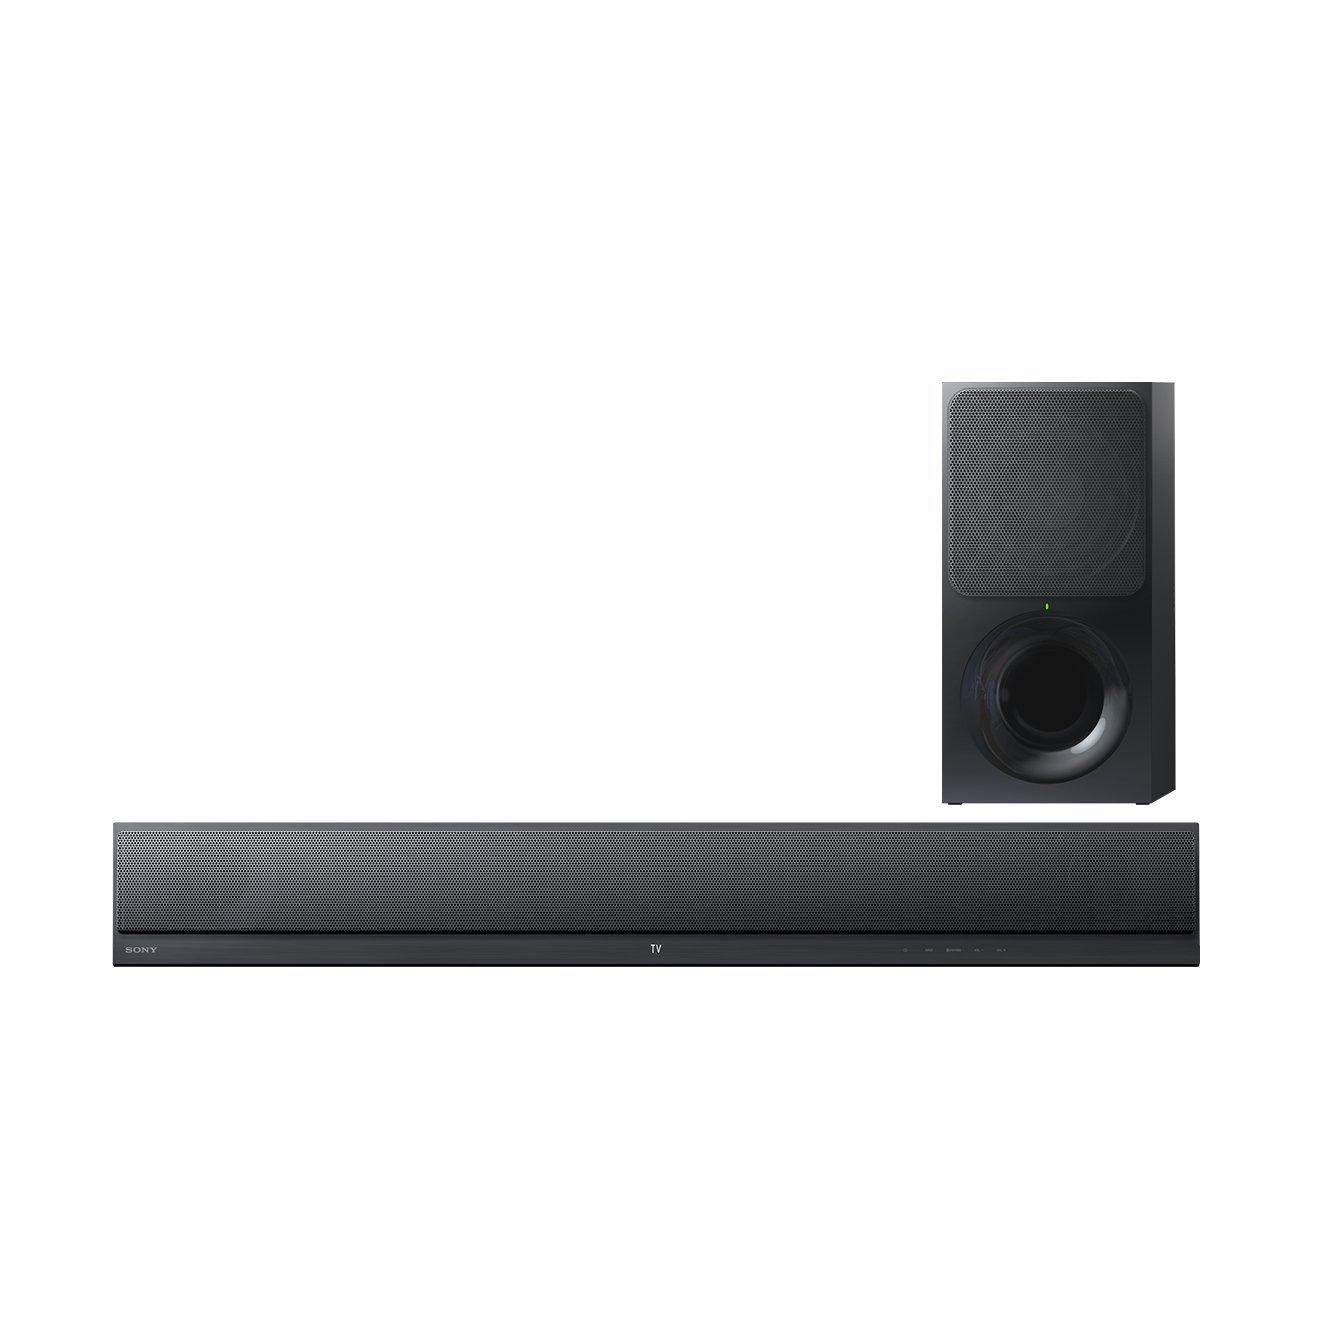 Sony HTCT390 - Barra de Sonido Ultrafina (2.1 Canales con Bluetooth, NFC, 300 W), Color Negro